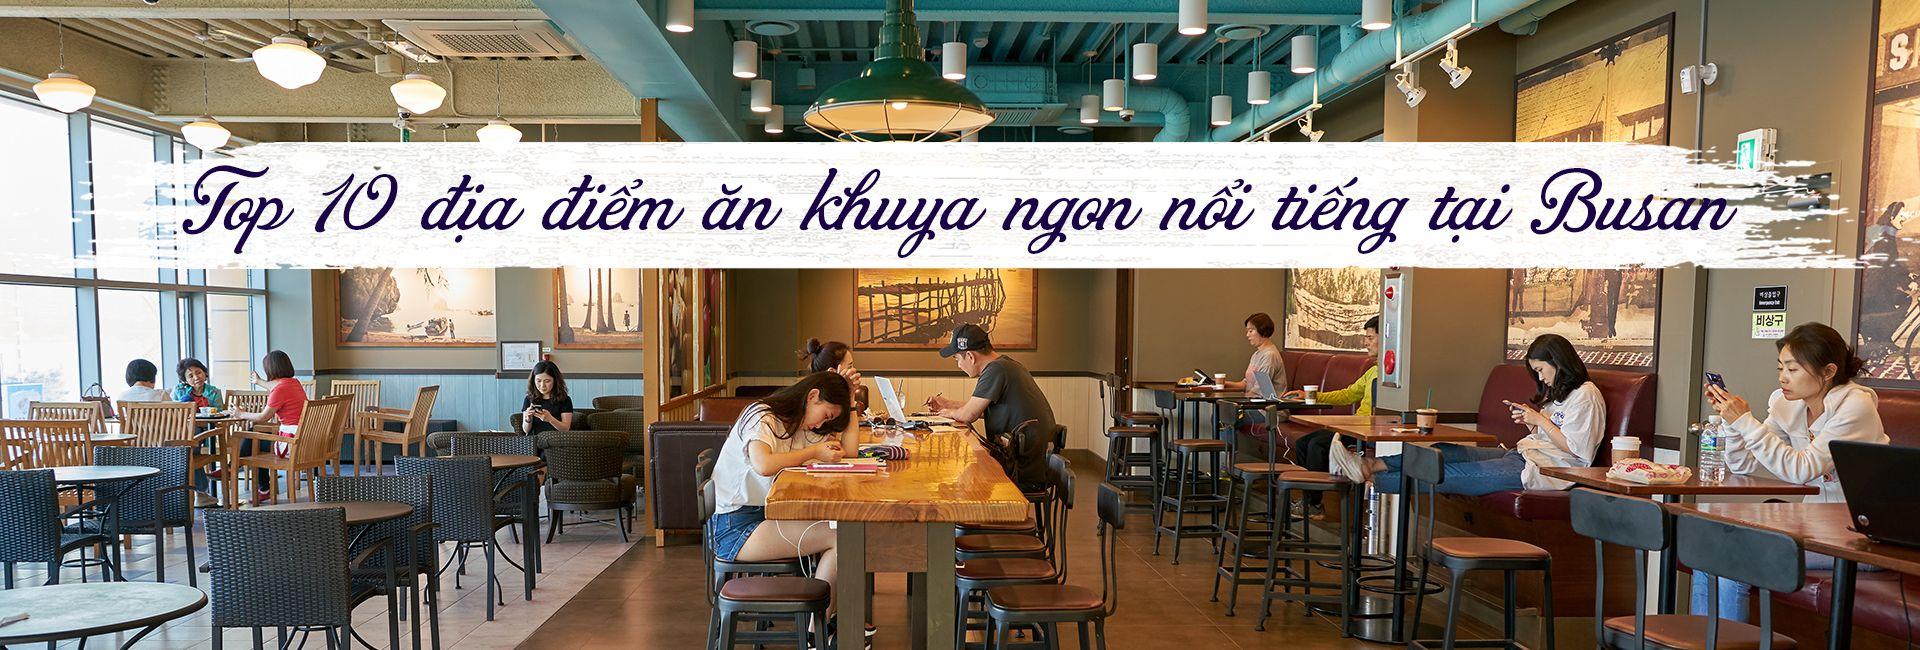 Top 10 địa điểm ăn khuya ngon nổi tiếng Busan